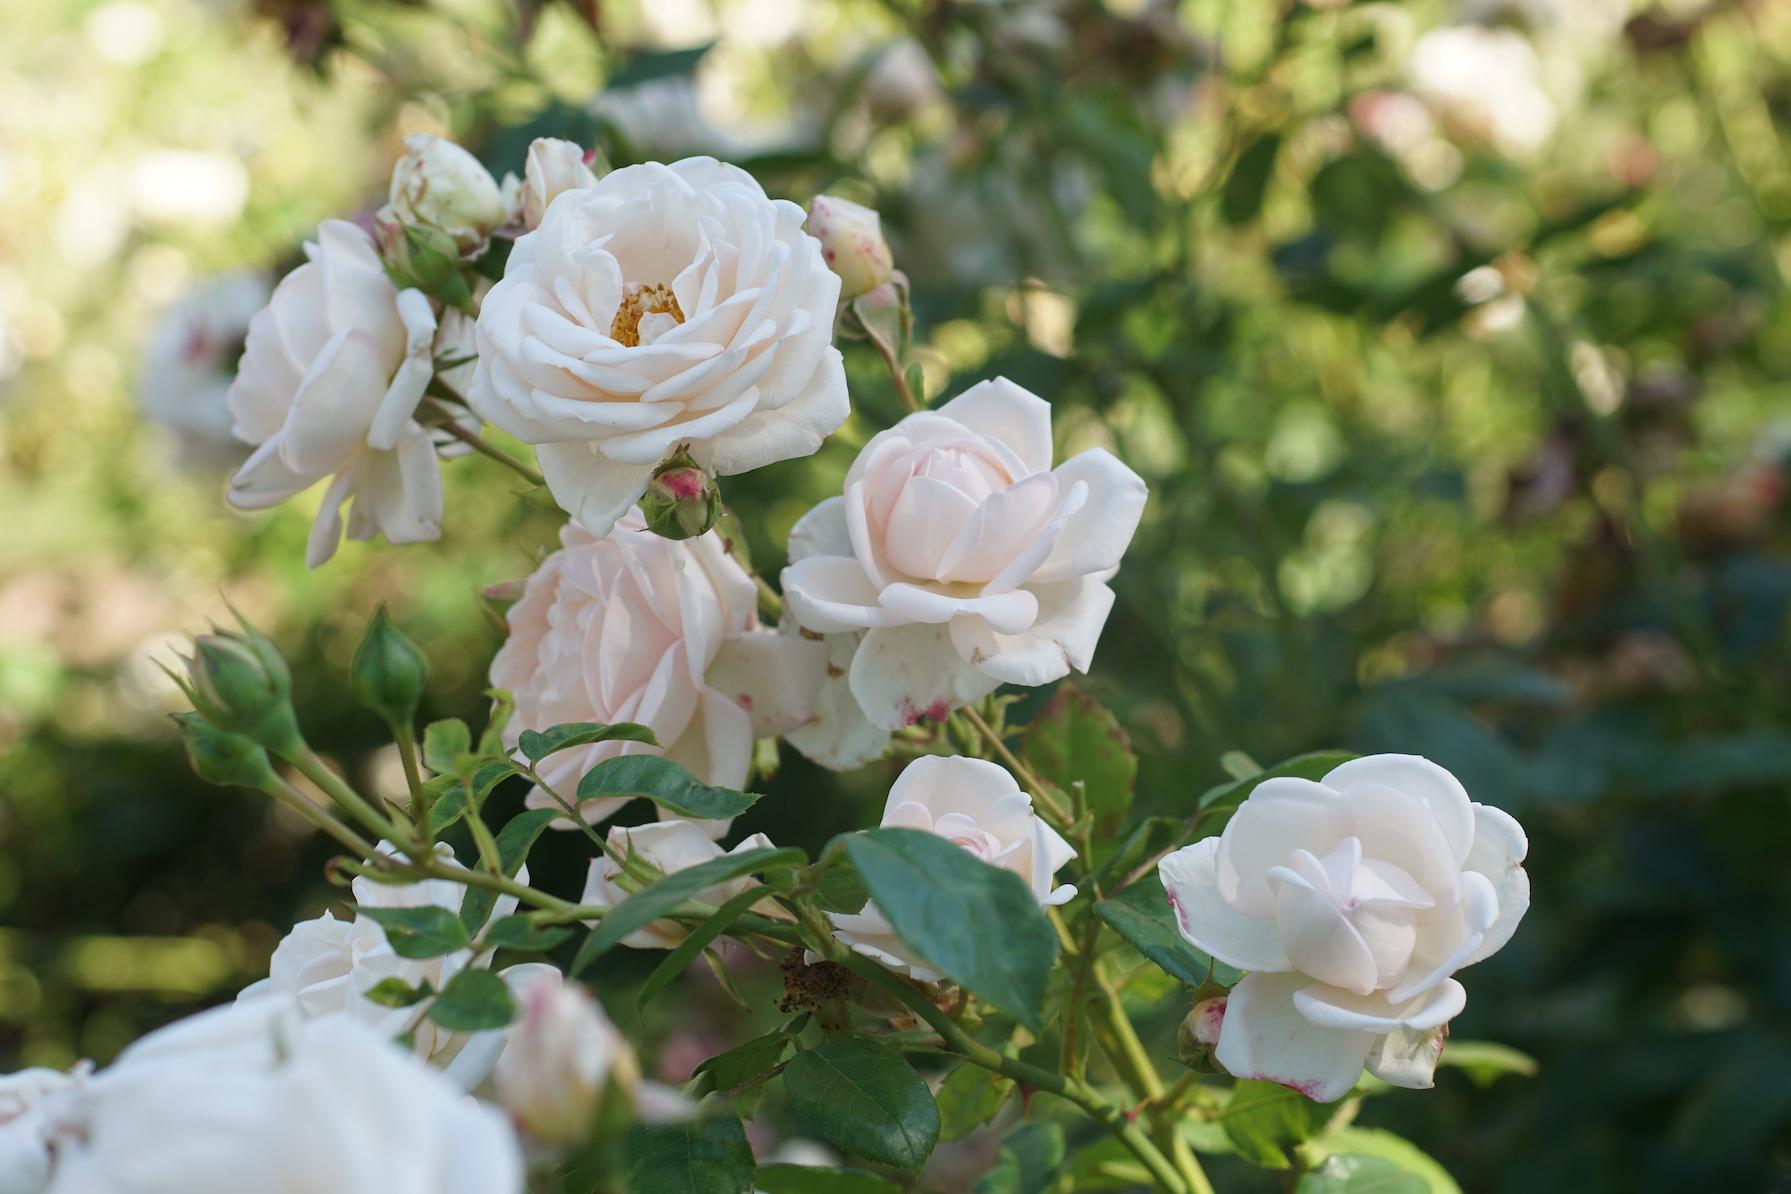 Rosier Générosa® buisson ou grimpant - Martine Guillot® - Roses Guillot®